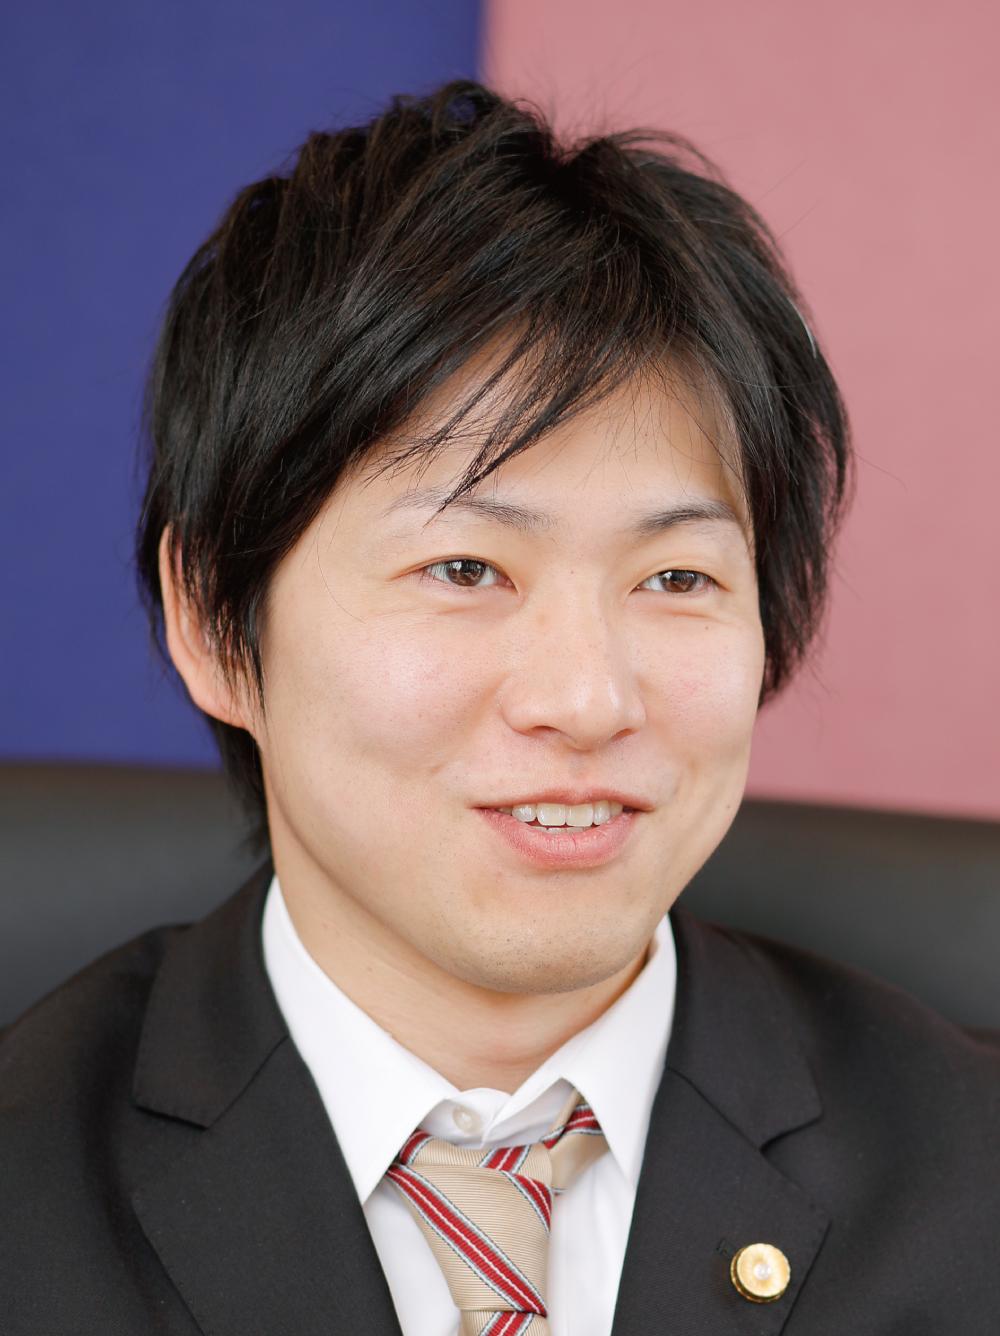 中川翔伍弁護士